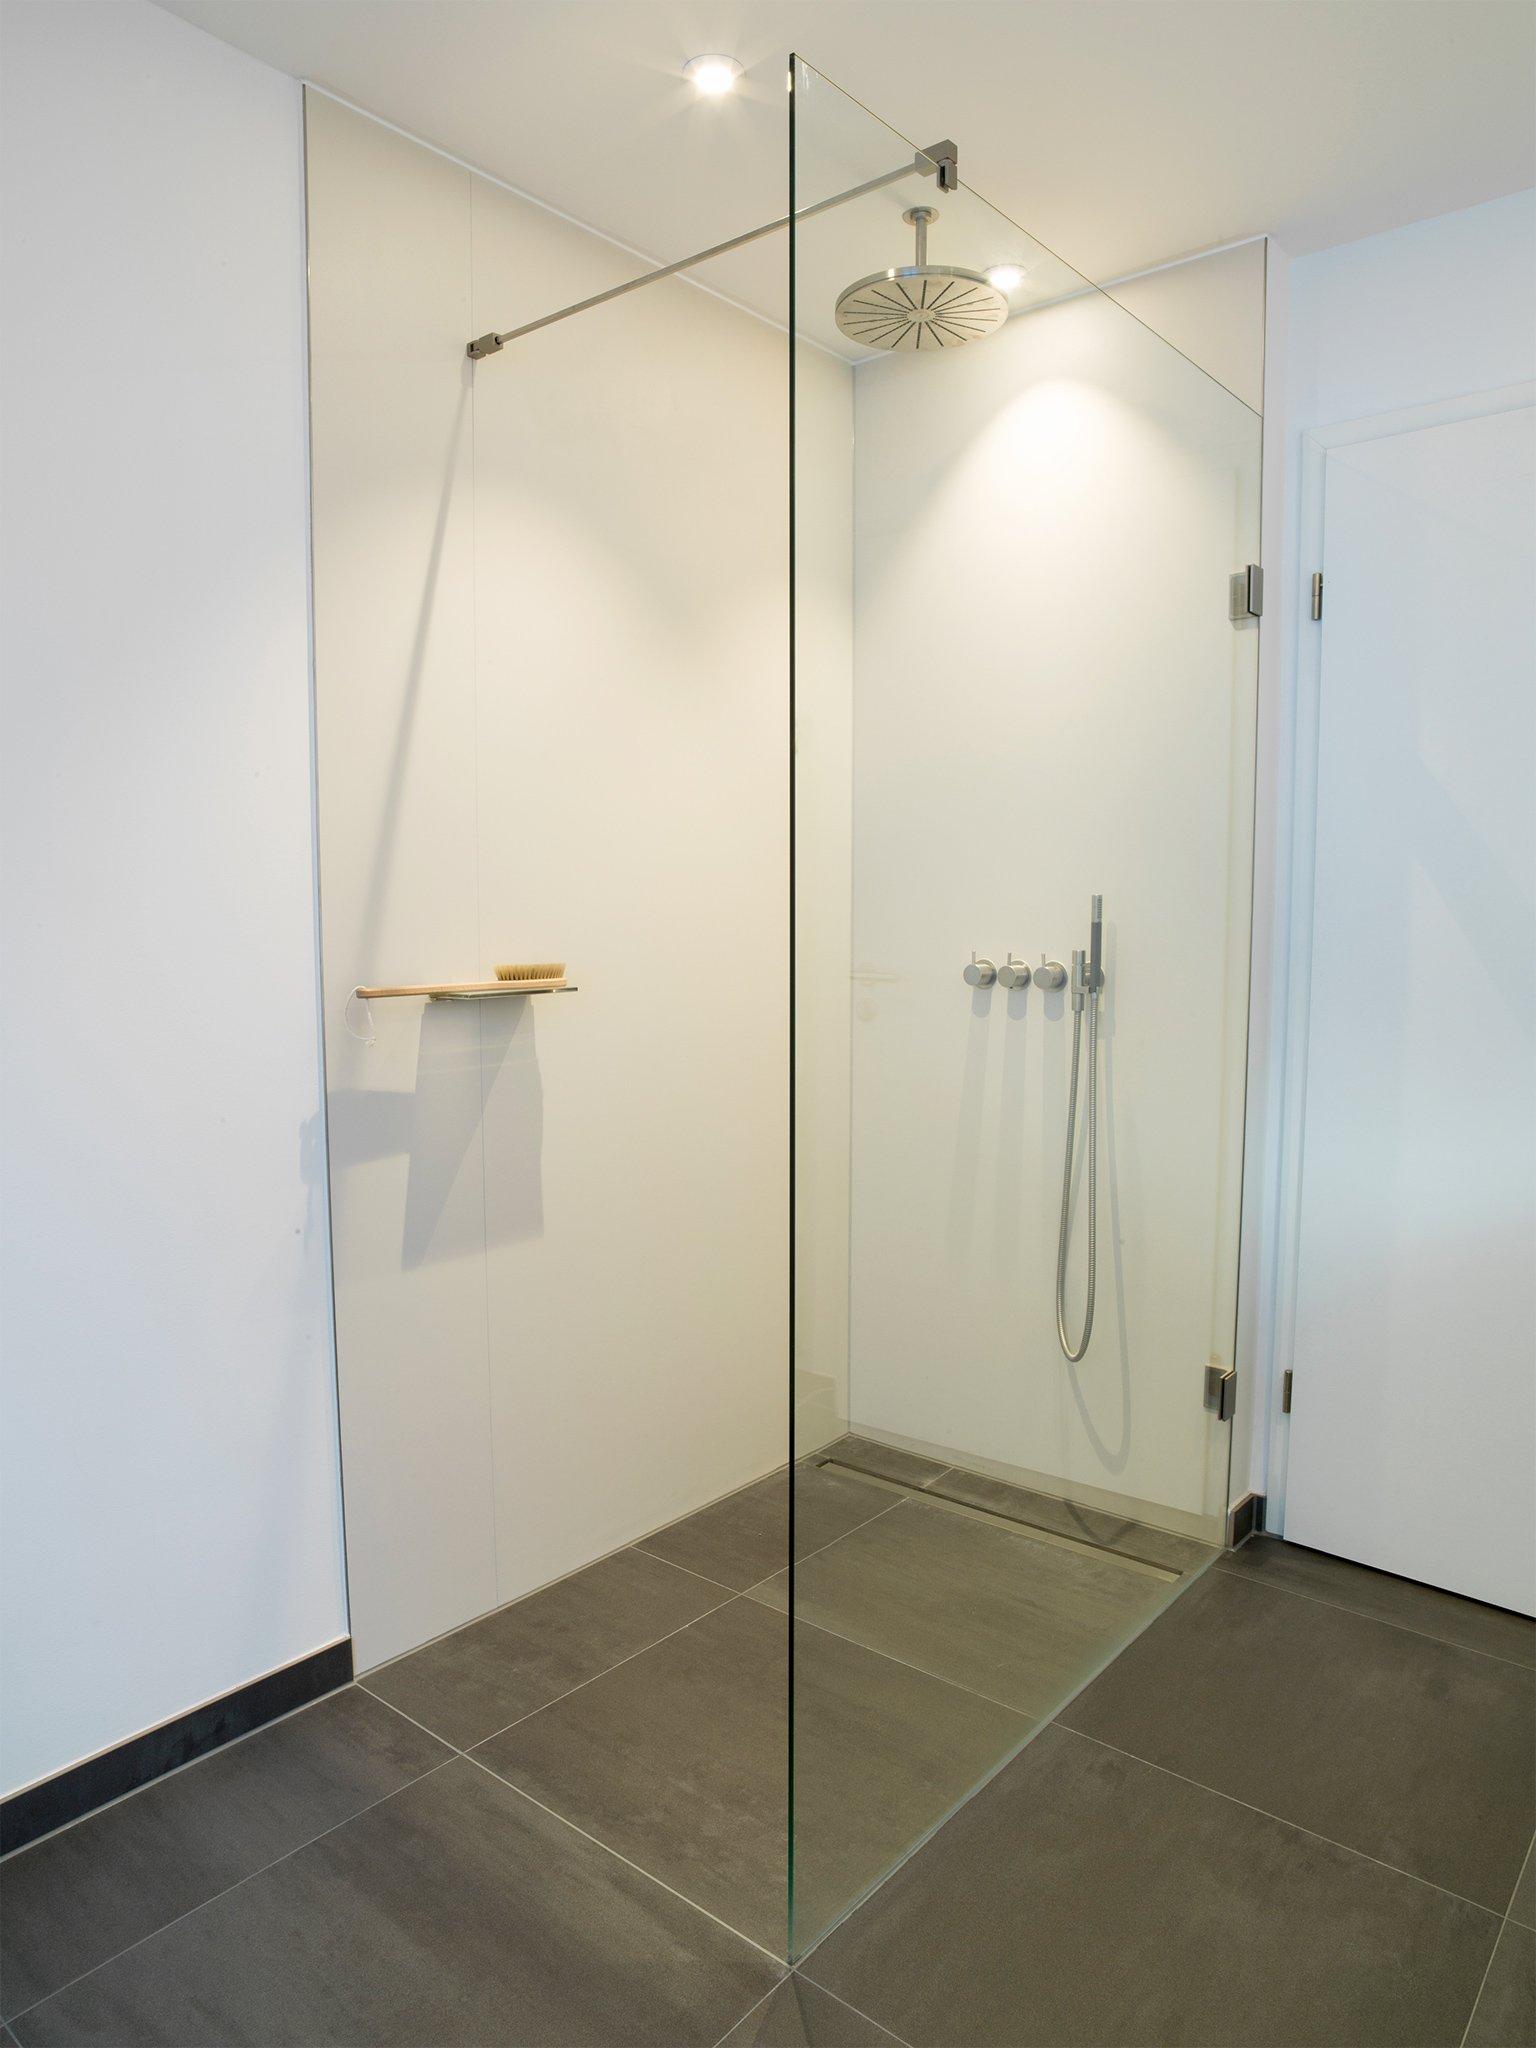 Umbau Zum Barrierefreien Badezimmer.